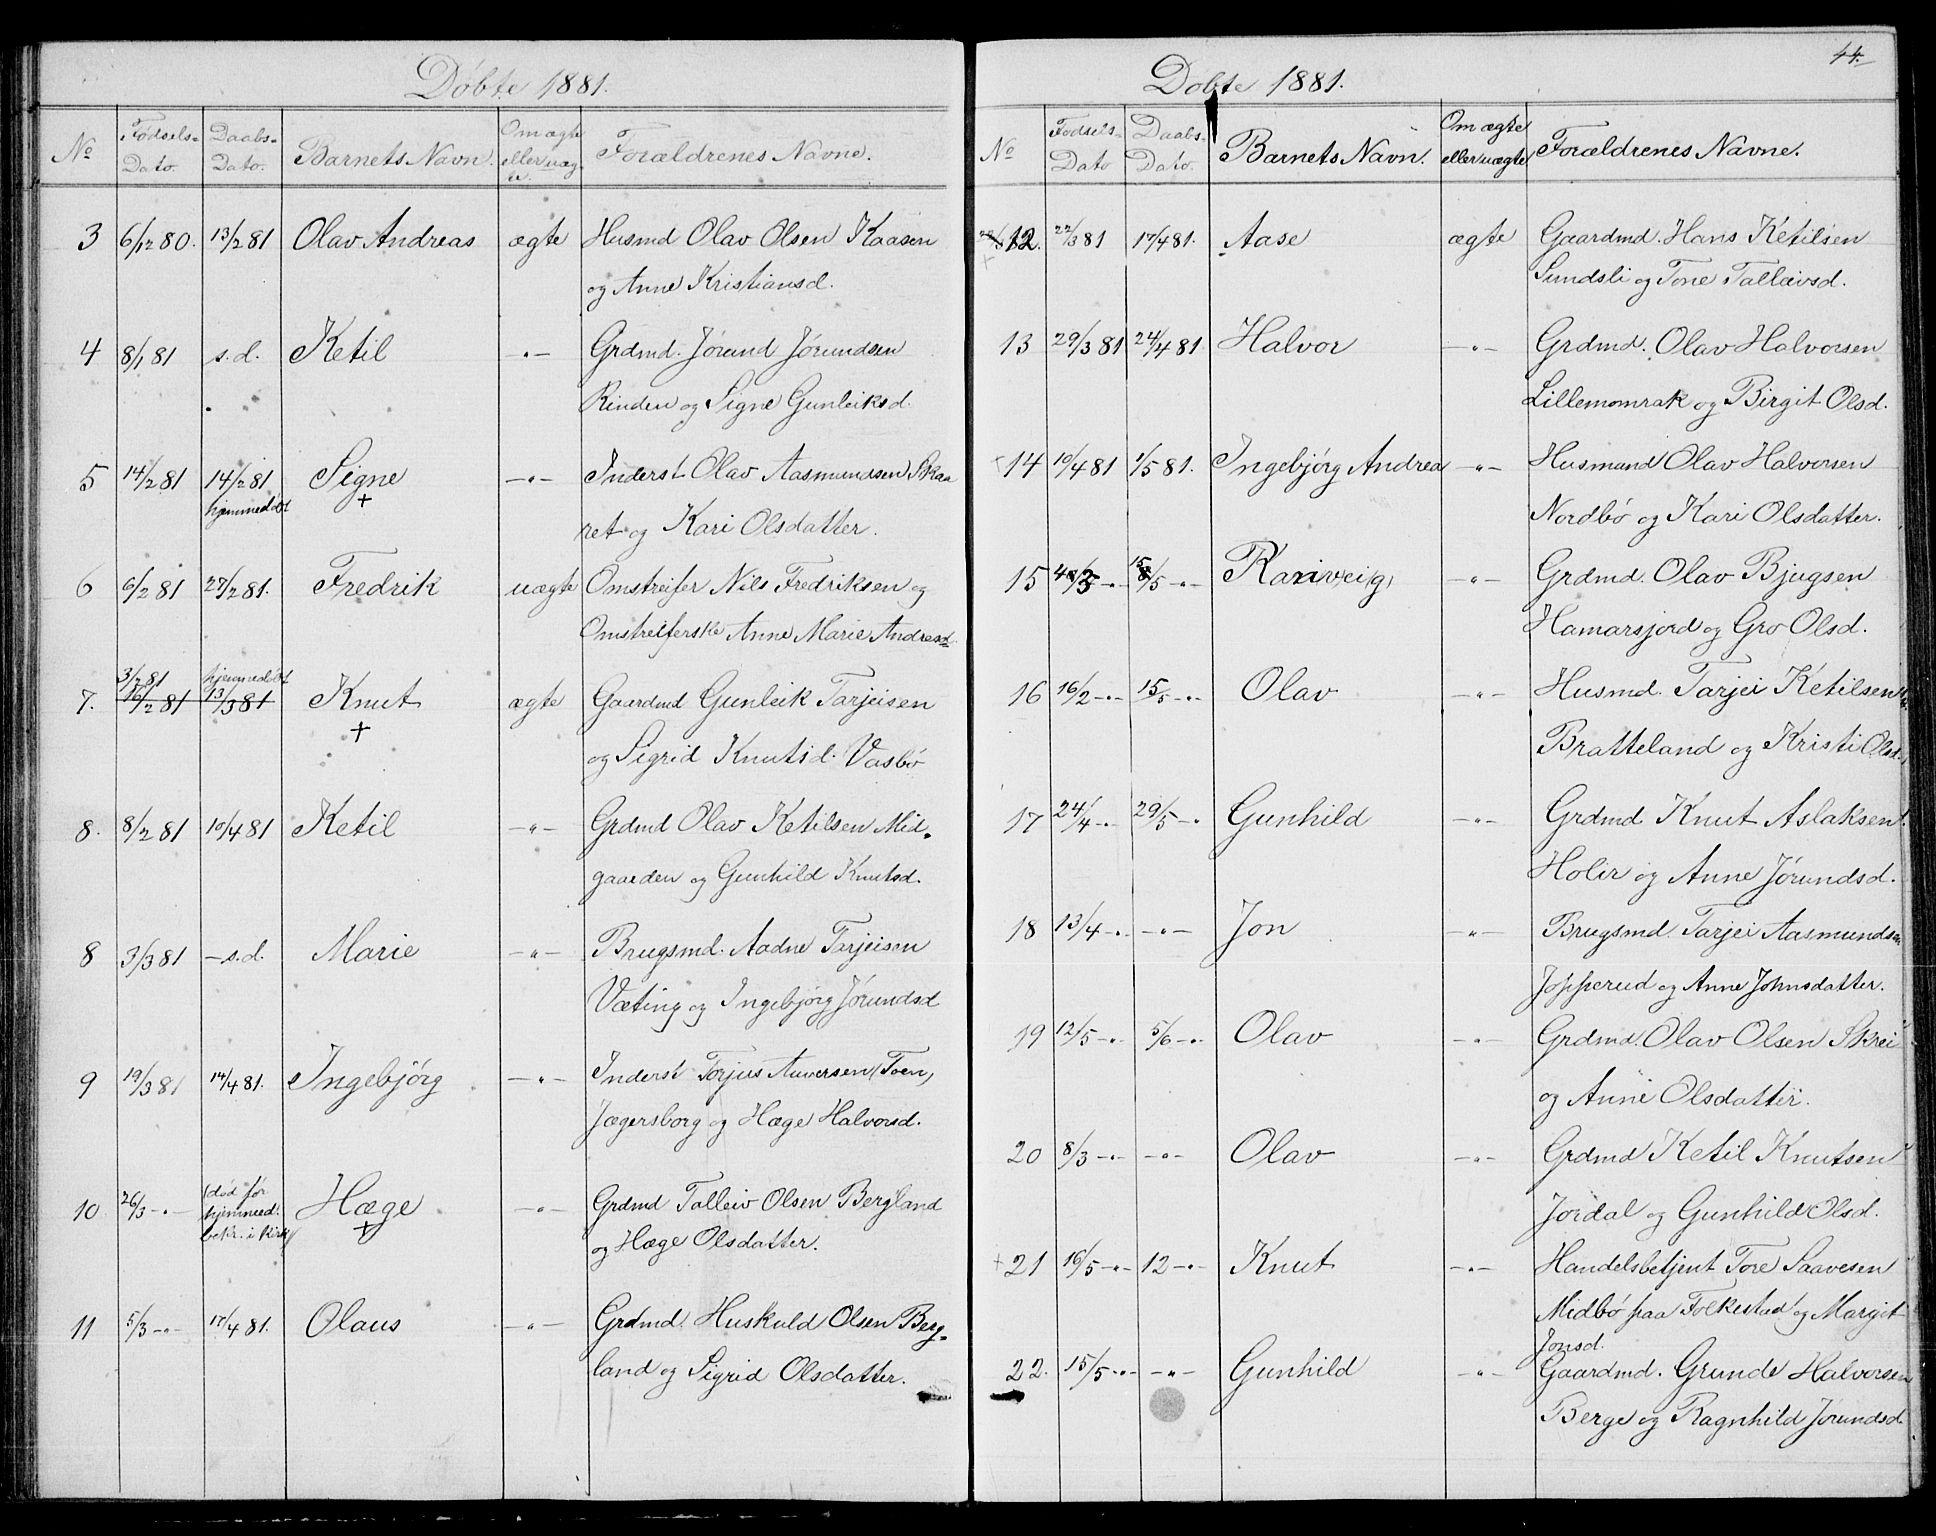 SAKO, Fyresdal kirkebøker, G/Ga/L0004: Klokkerbok nr. I 4, 1864-1892, s. 44